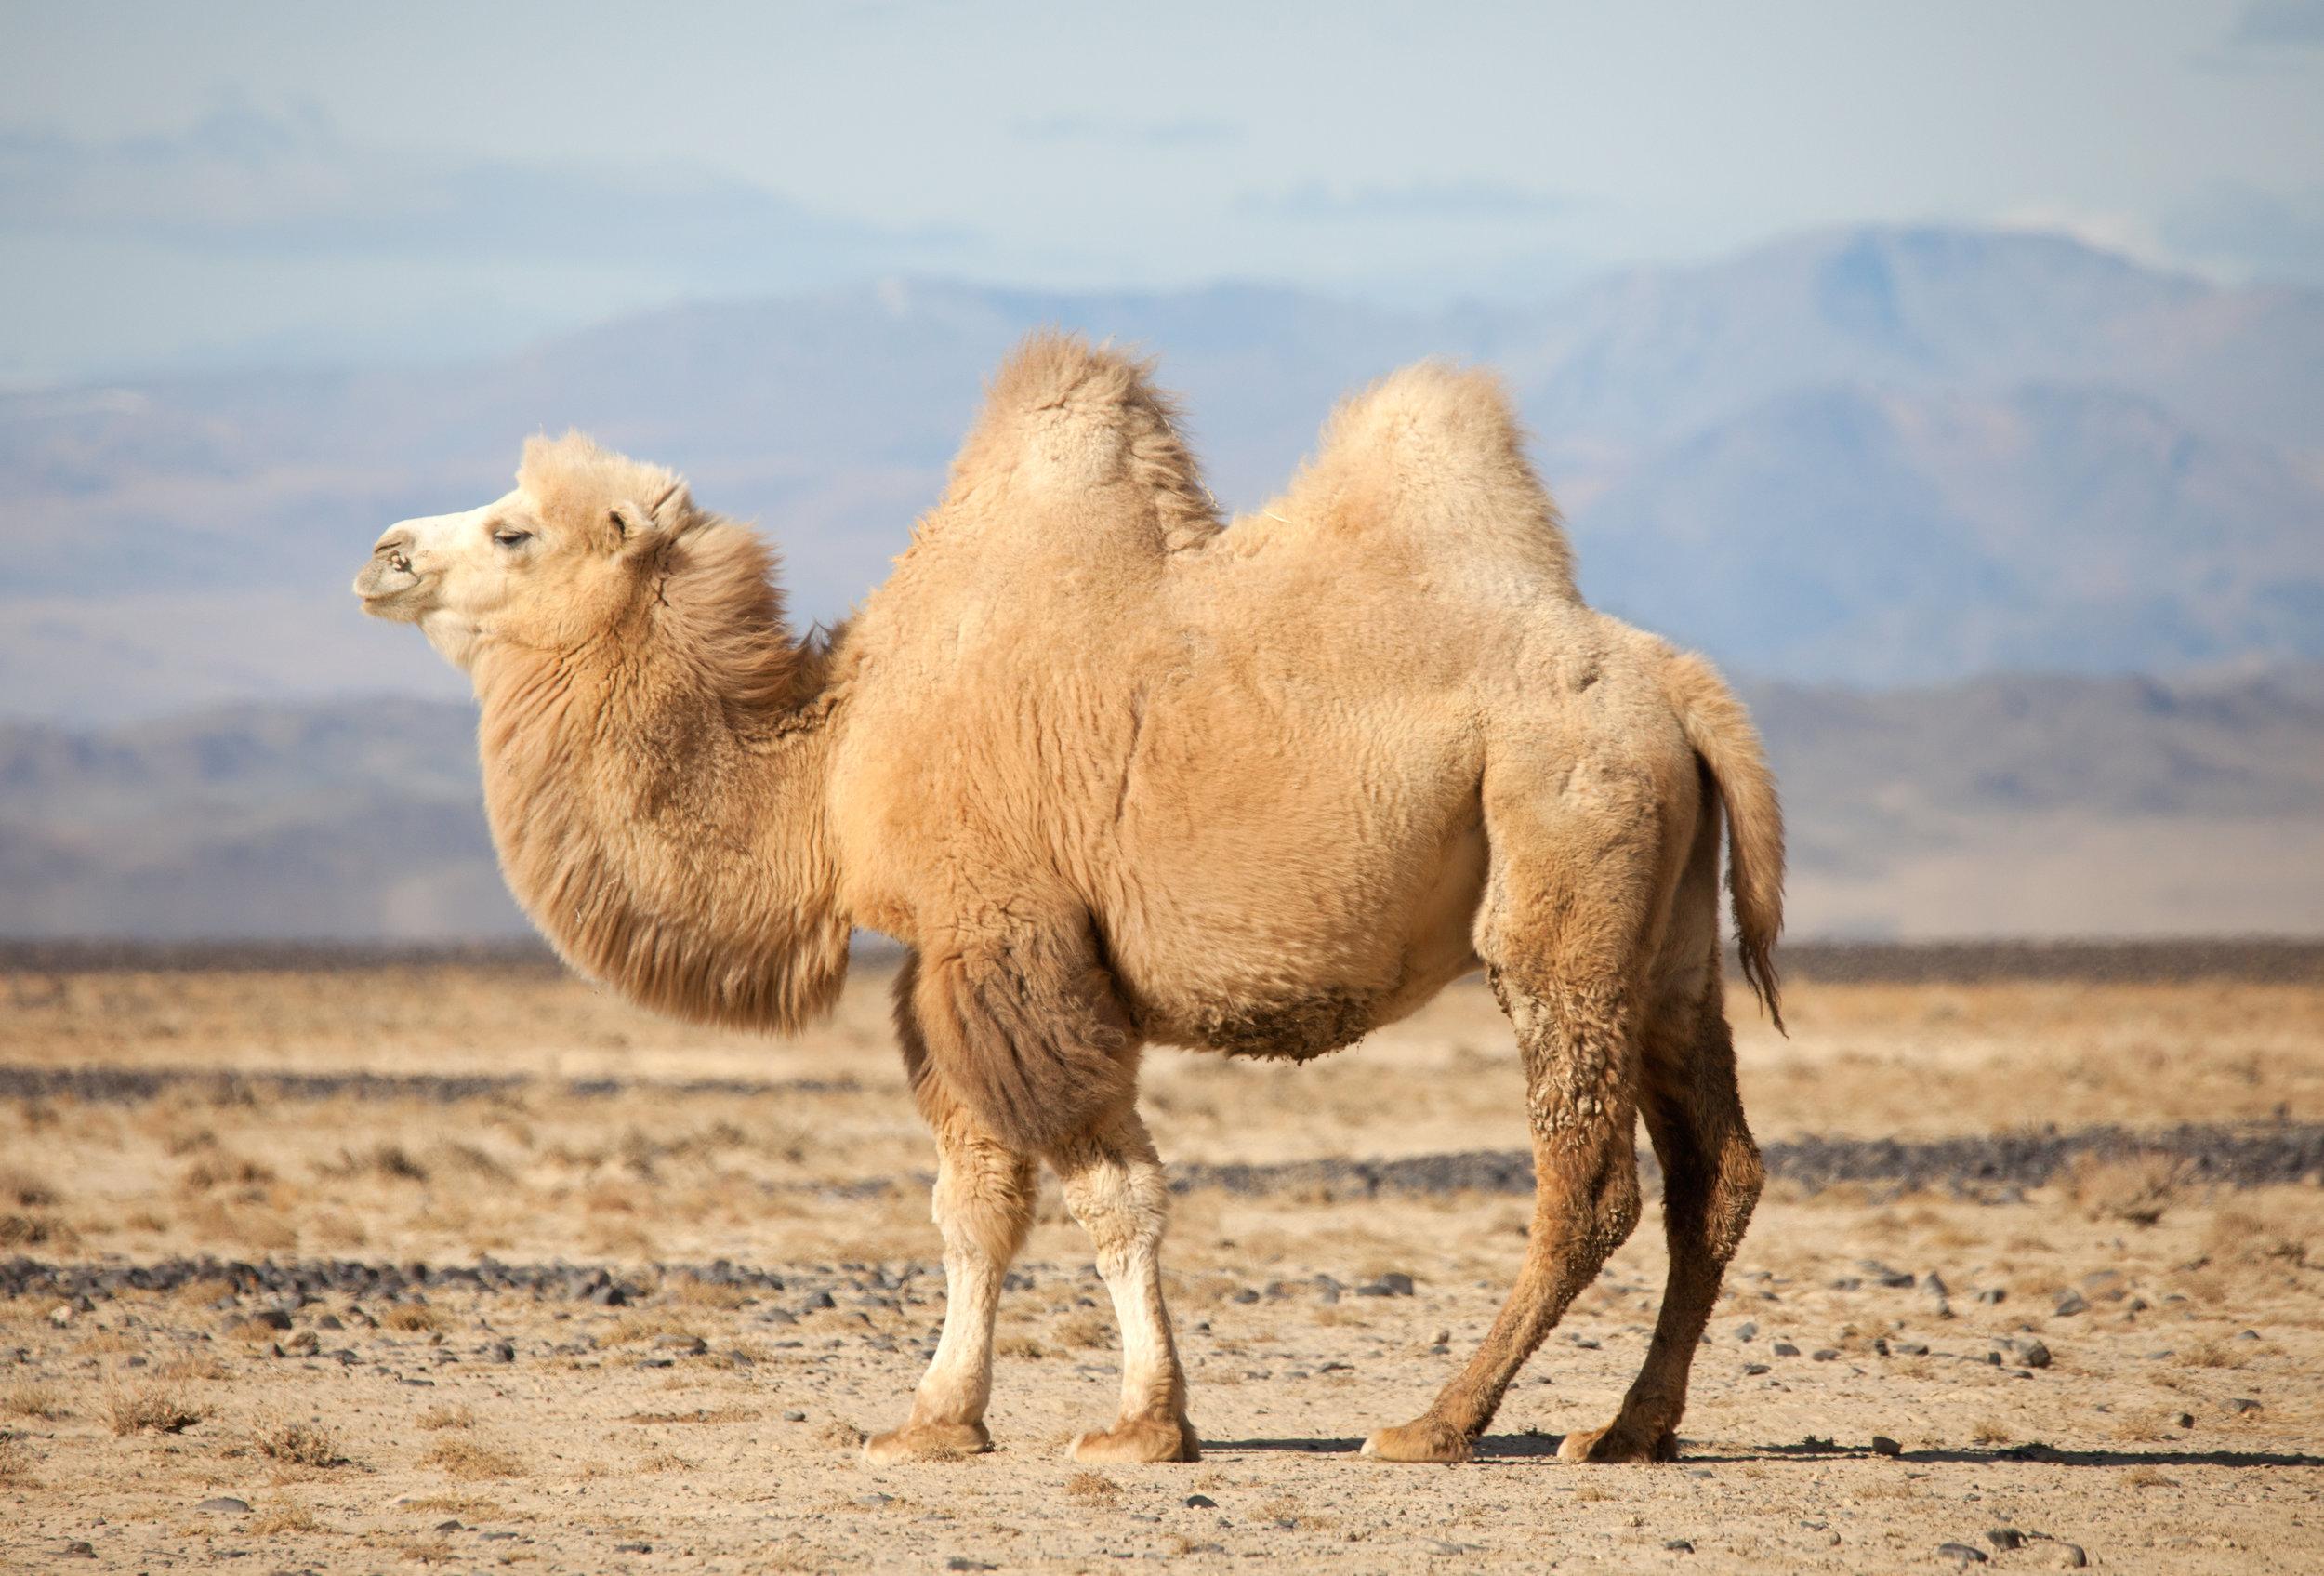 Camel Mongolia.jpeg